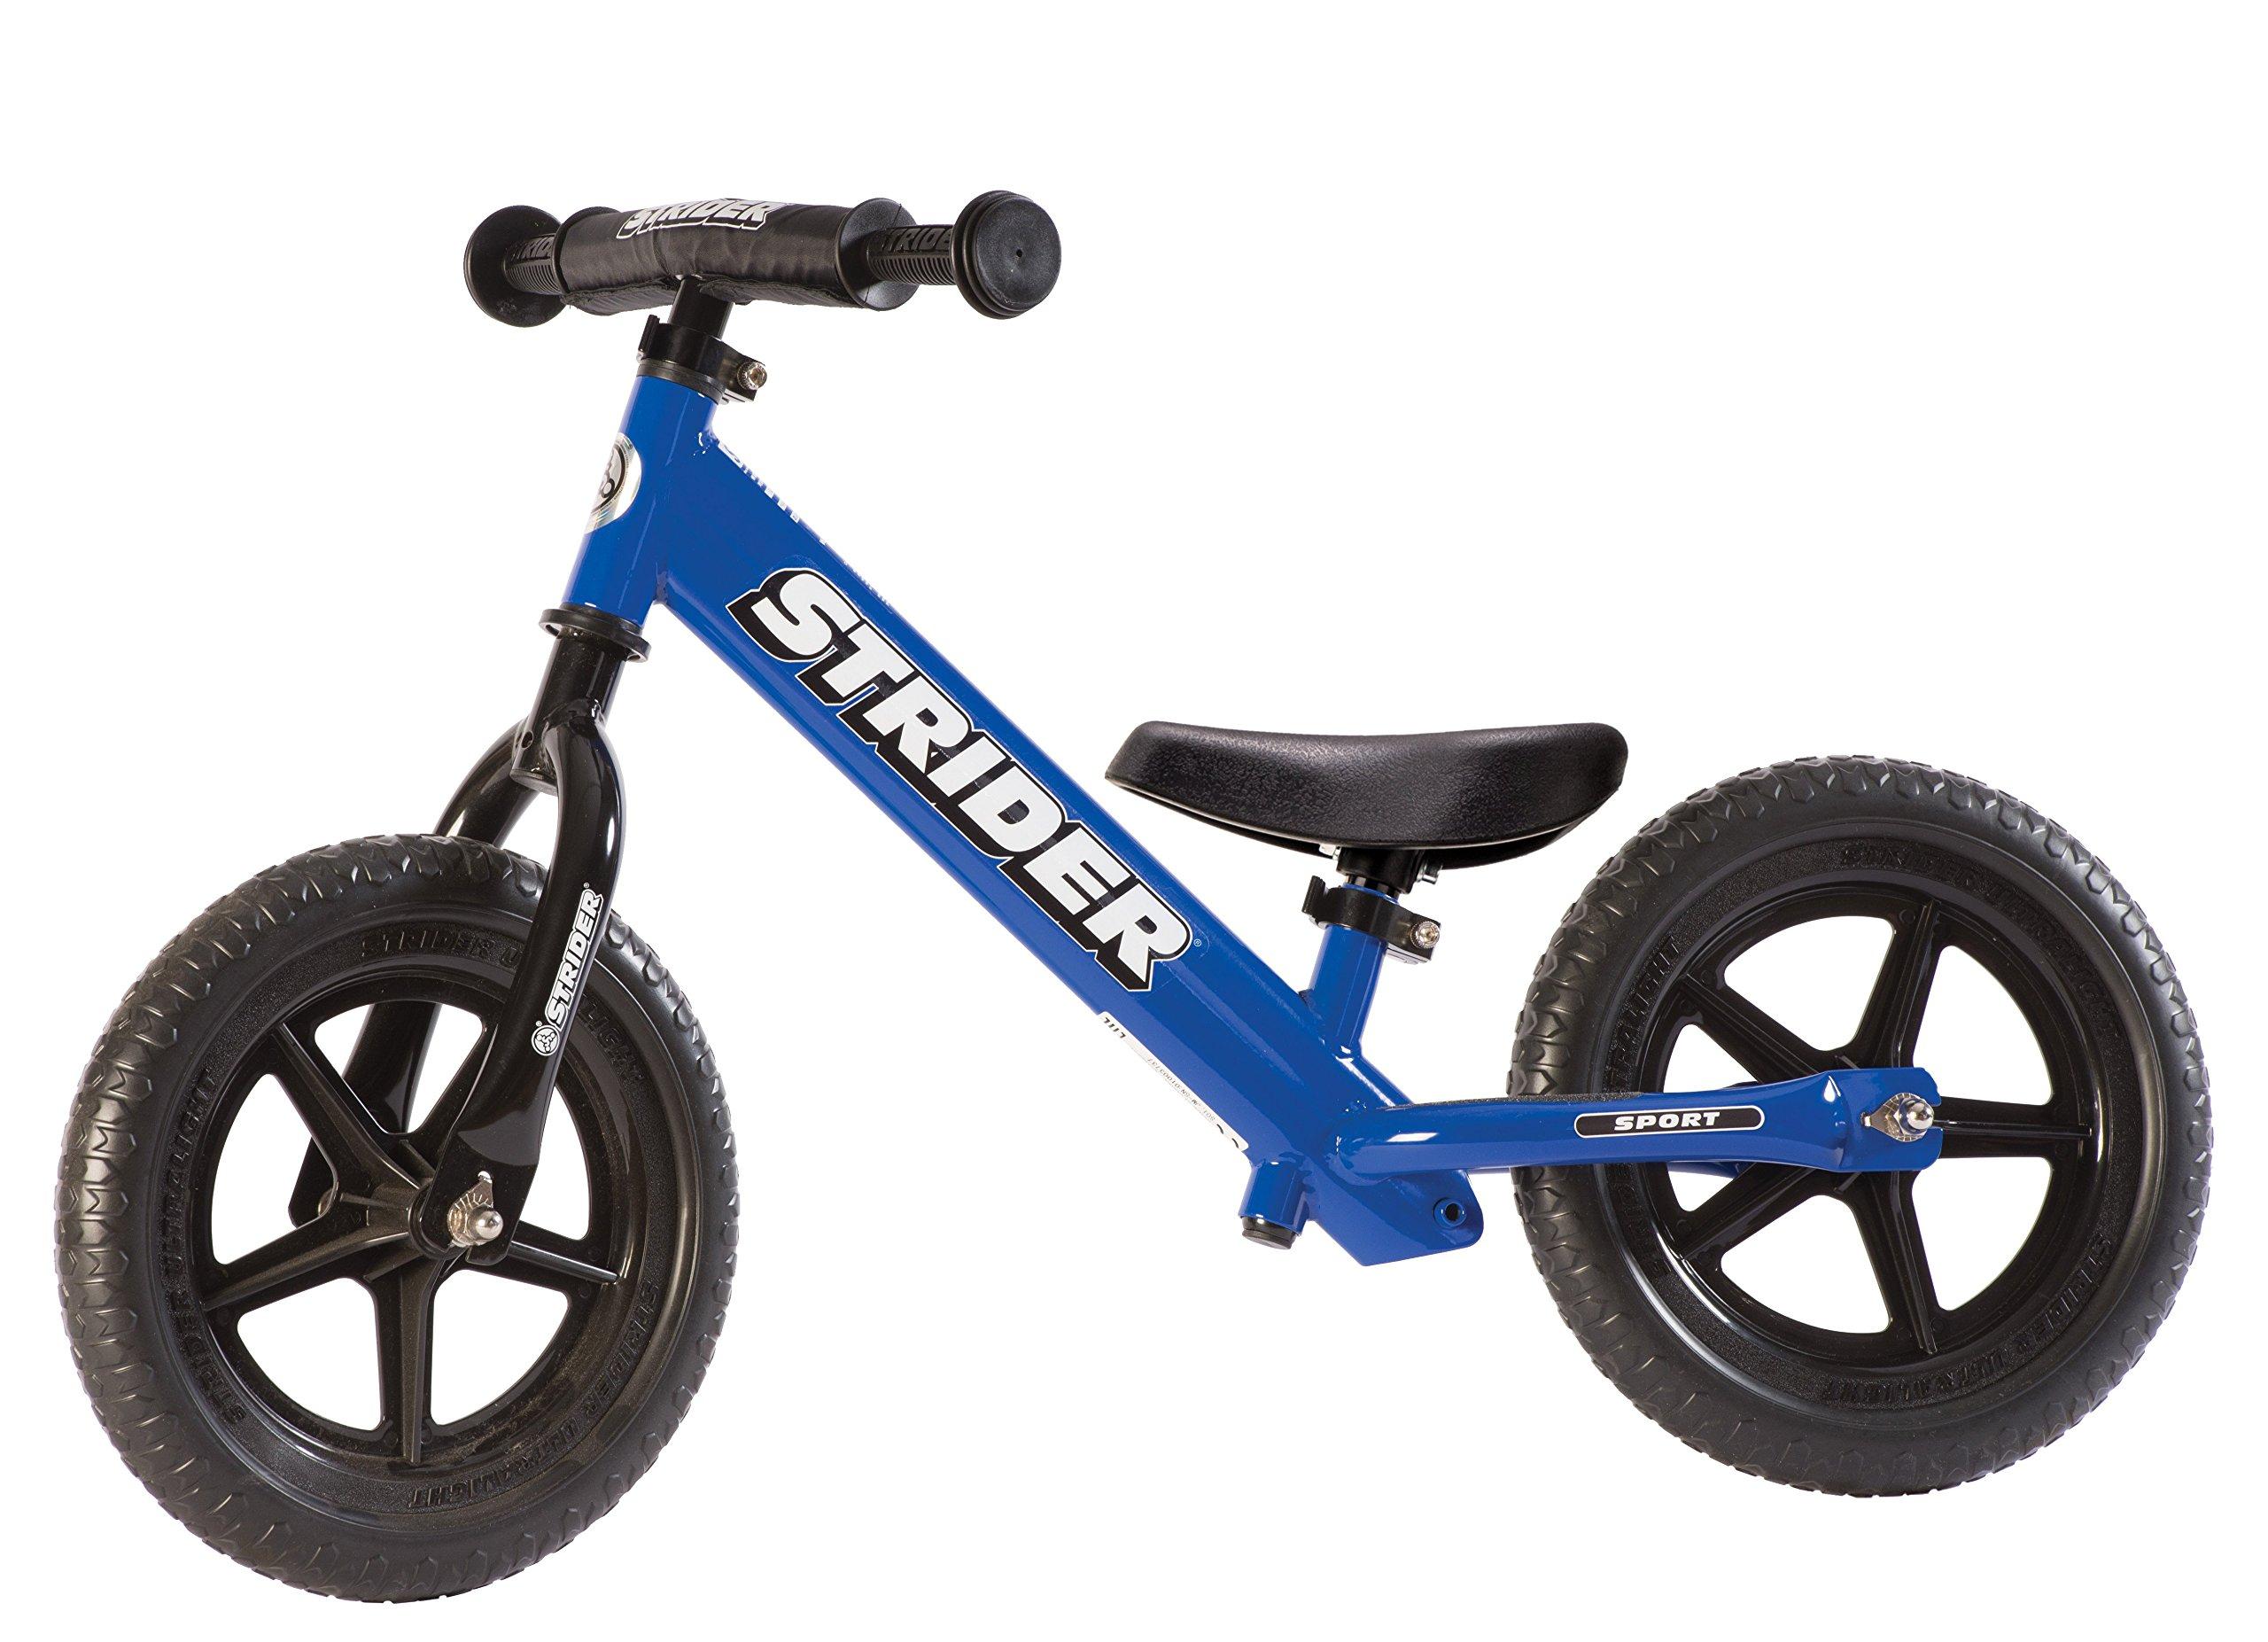 Strider - 12 Sport Balance Bike, Ages 18 Months to 5 Years, Blue by Strider